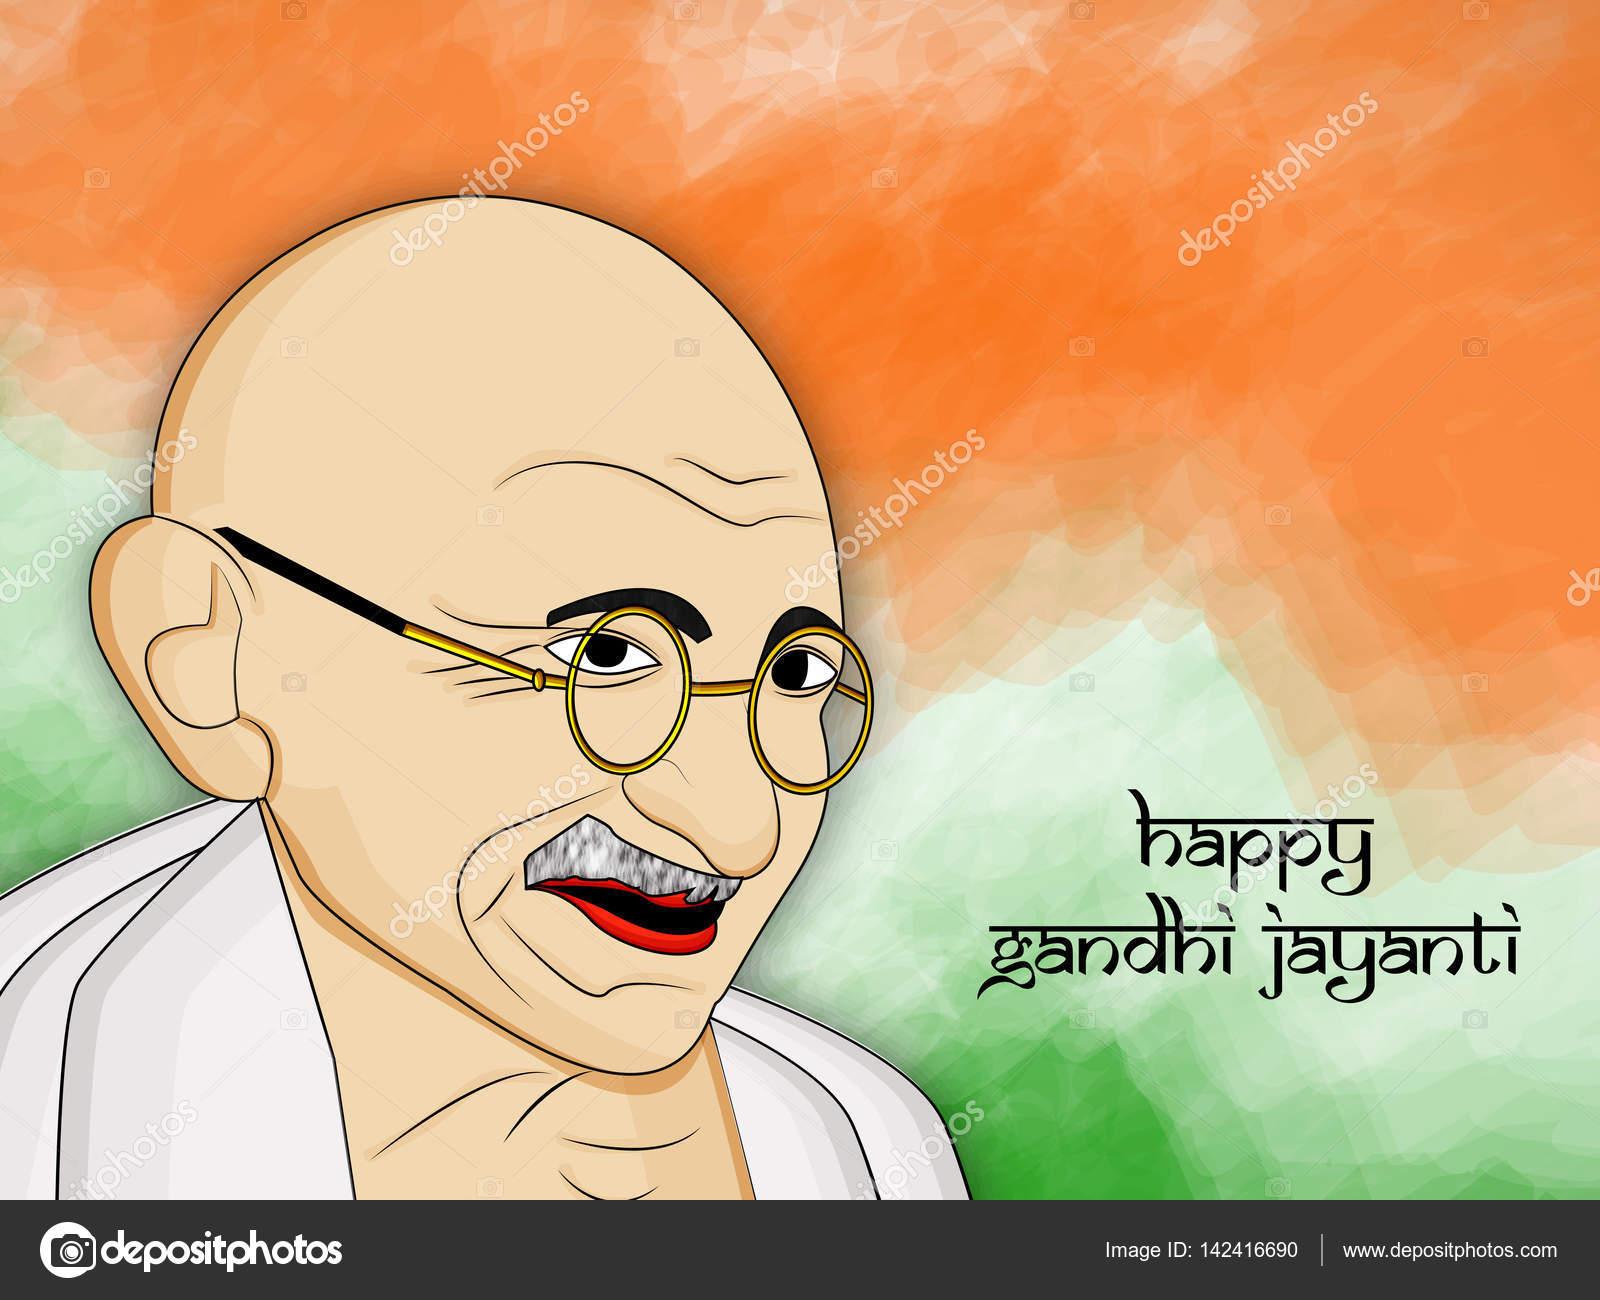 ガンジー Jayanti 背景のイラスト ストックベクター Infinitegraphic